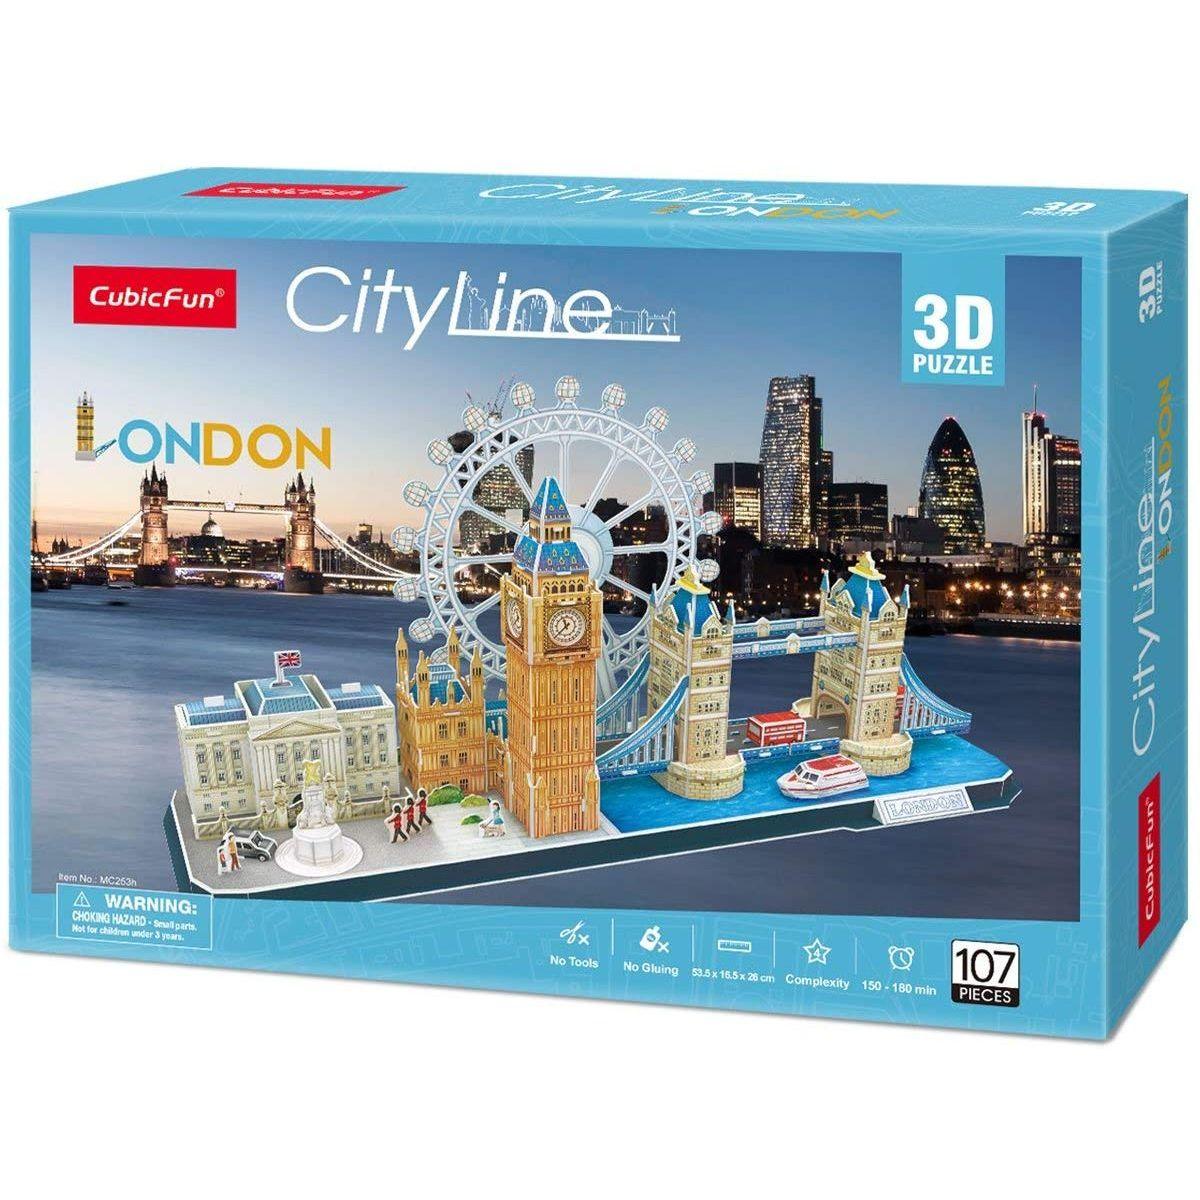 CubicFun Puzzle 3D City Line Londýn 107 dielikov